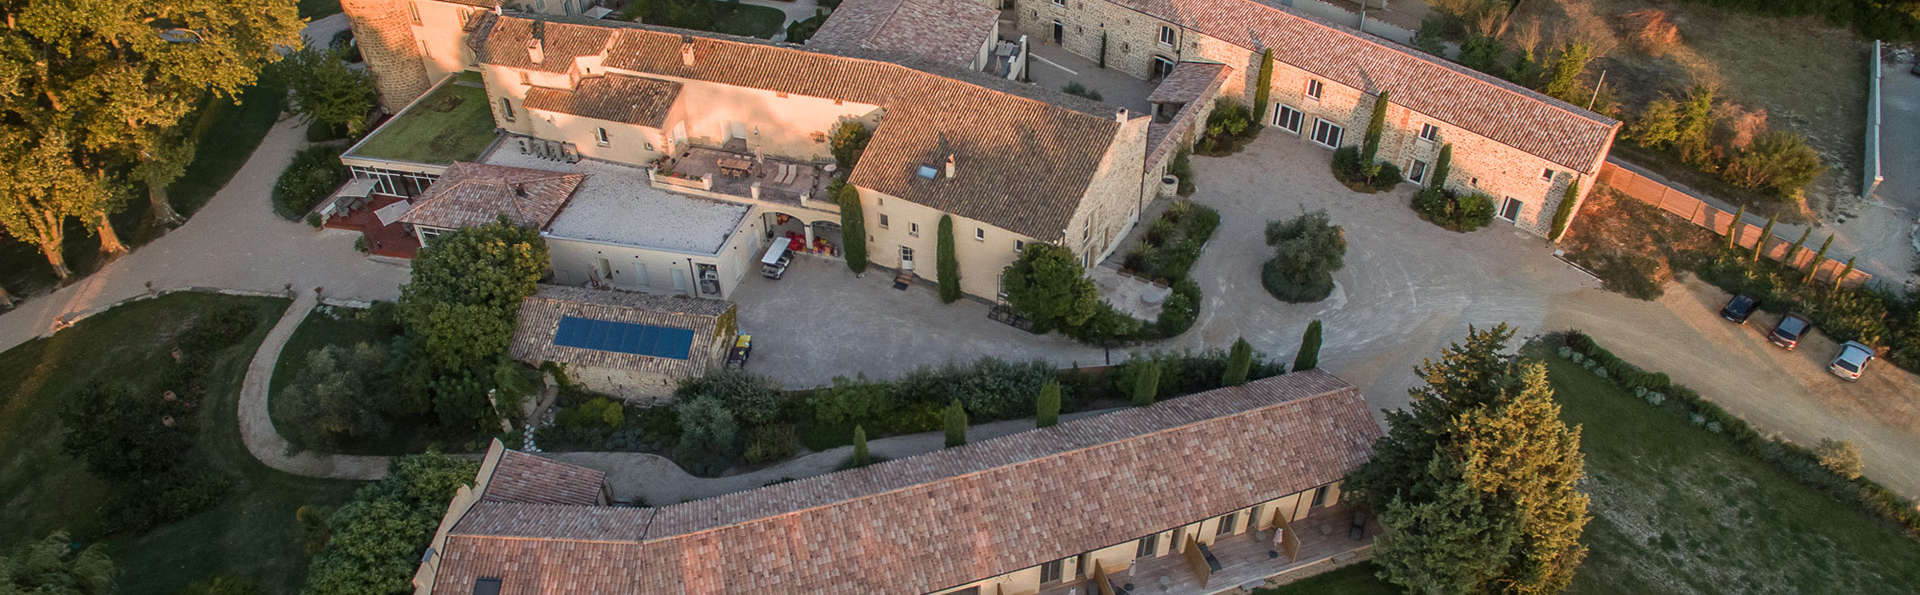 Château de Massillan - EDIT_view.jpg